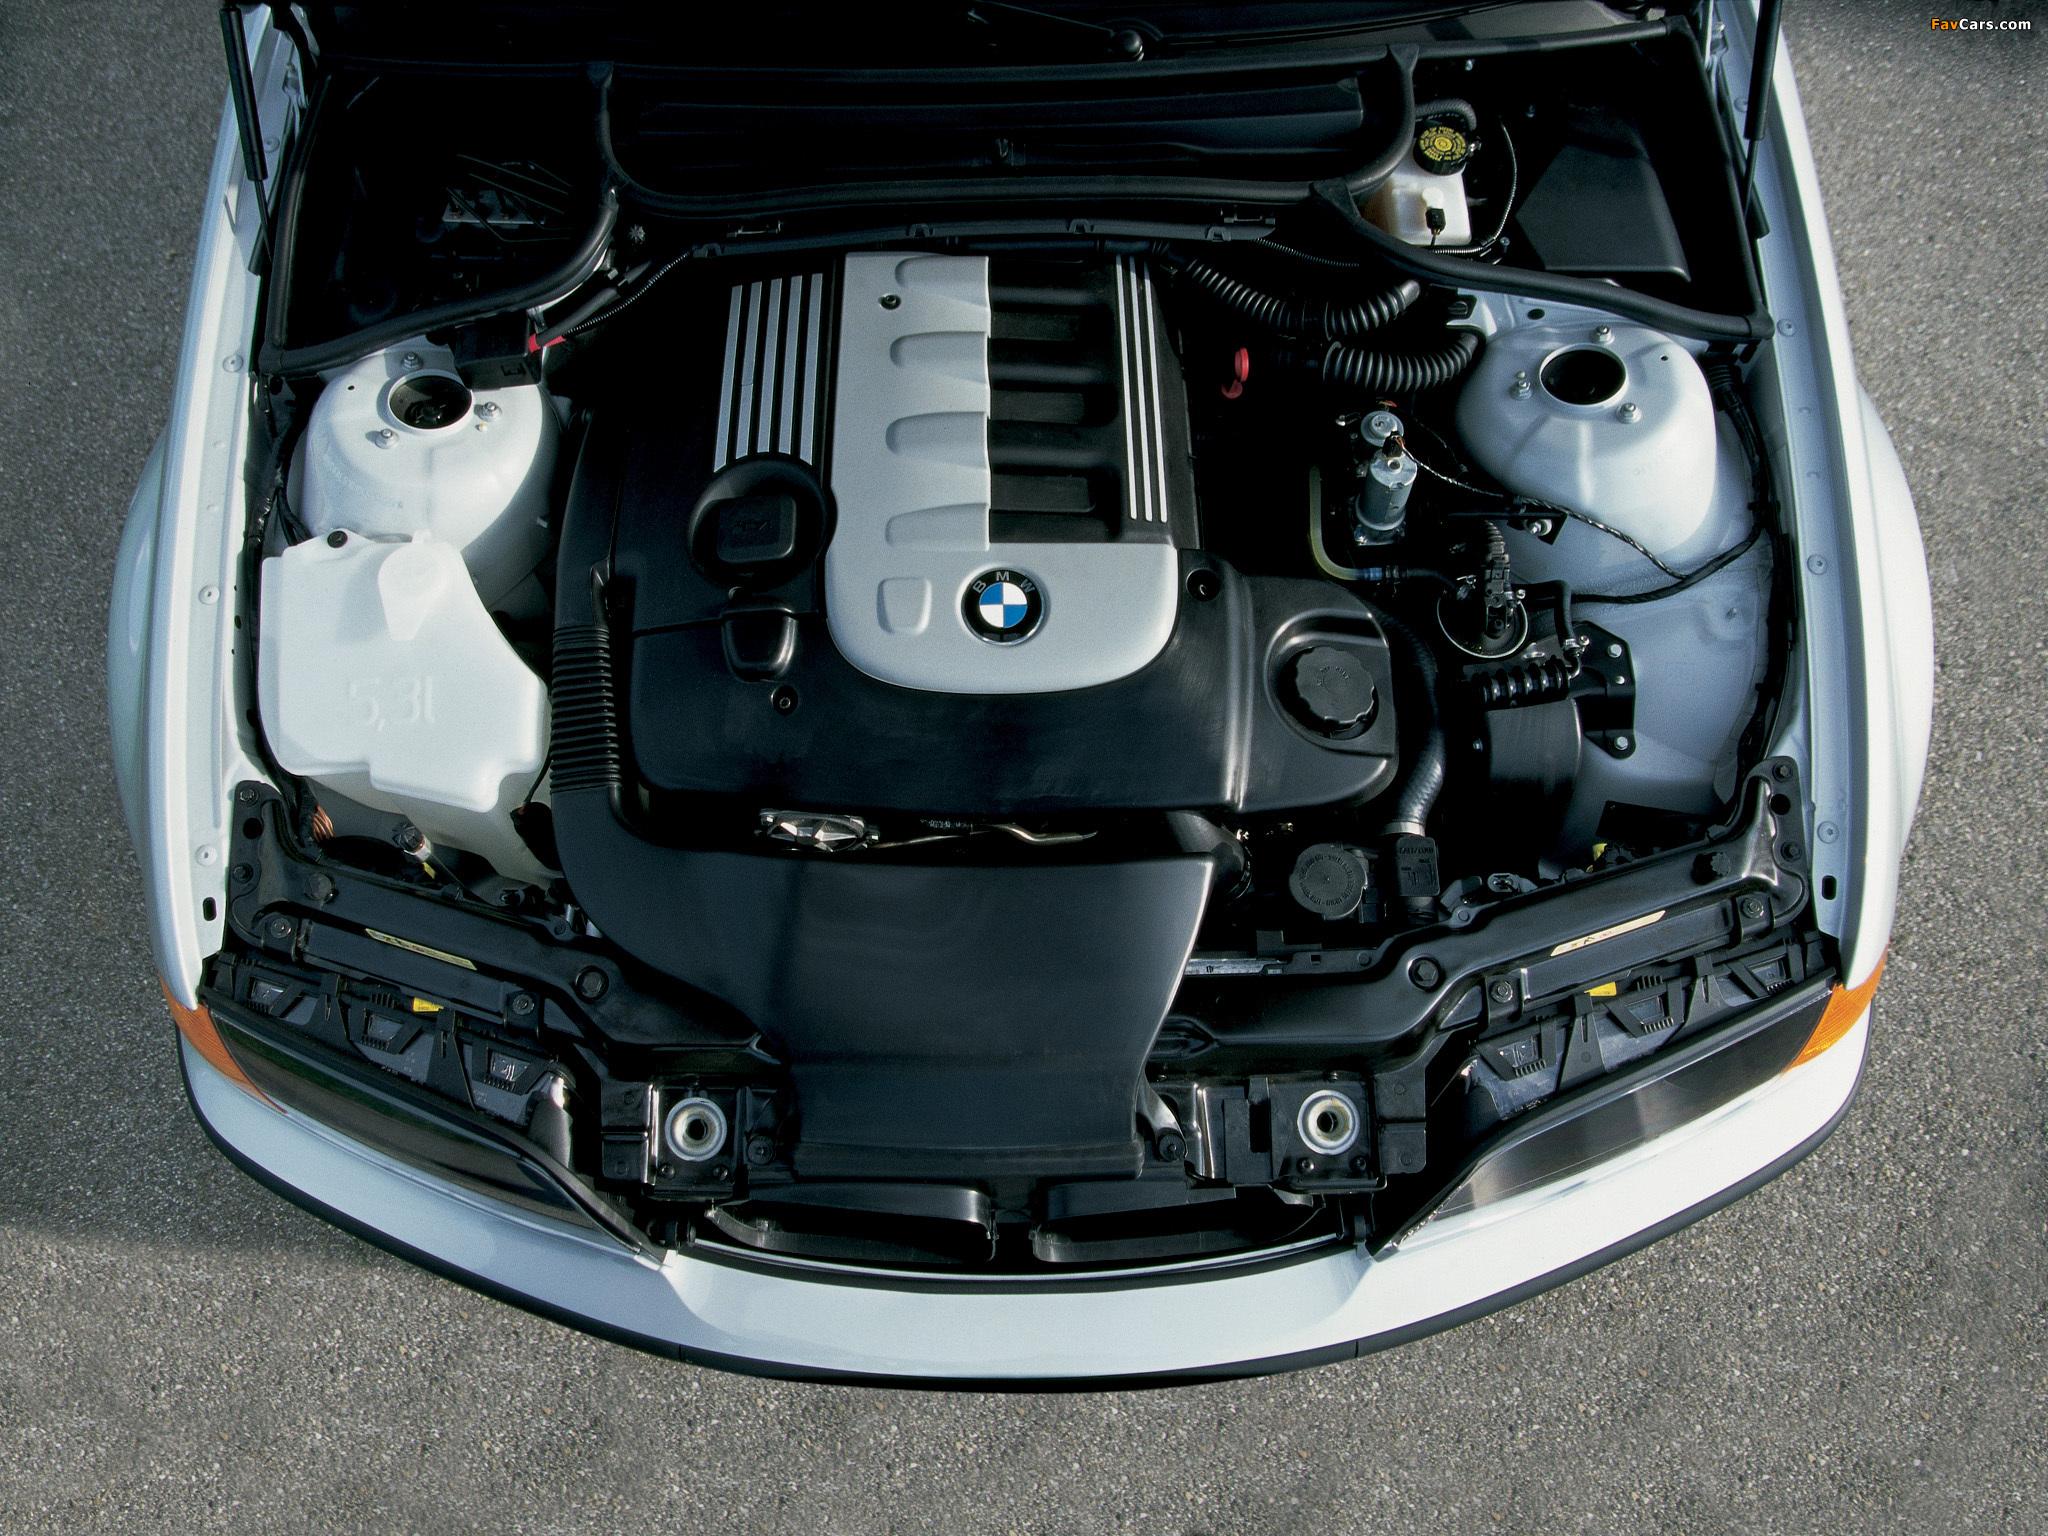 При попытках запуска двигателя BMW 3 E46 коленвал не проворачивается